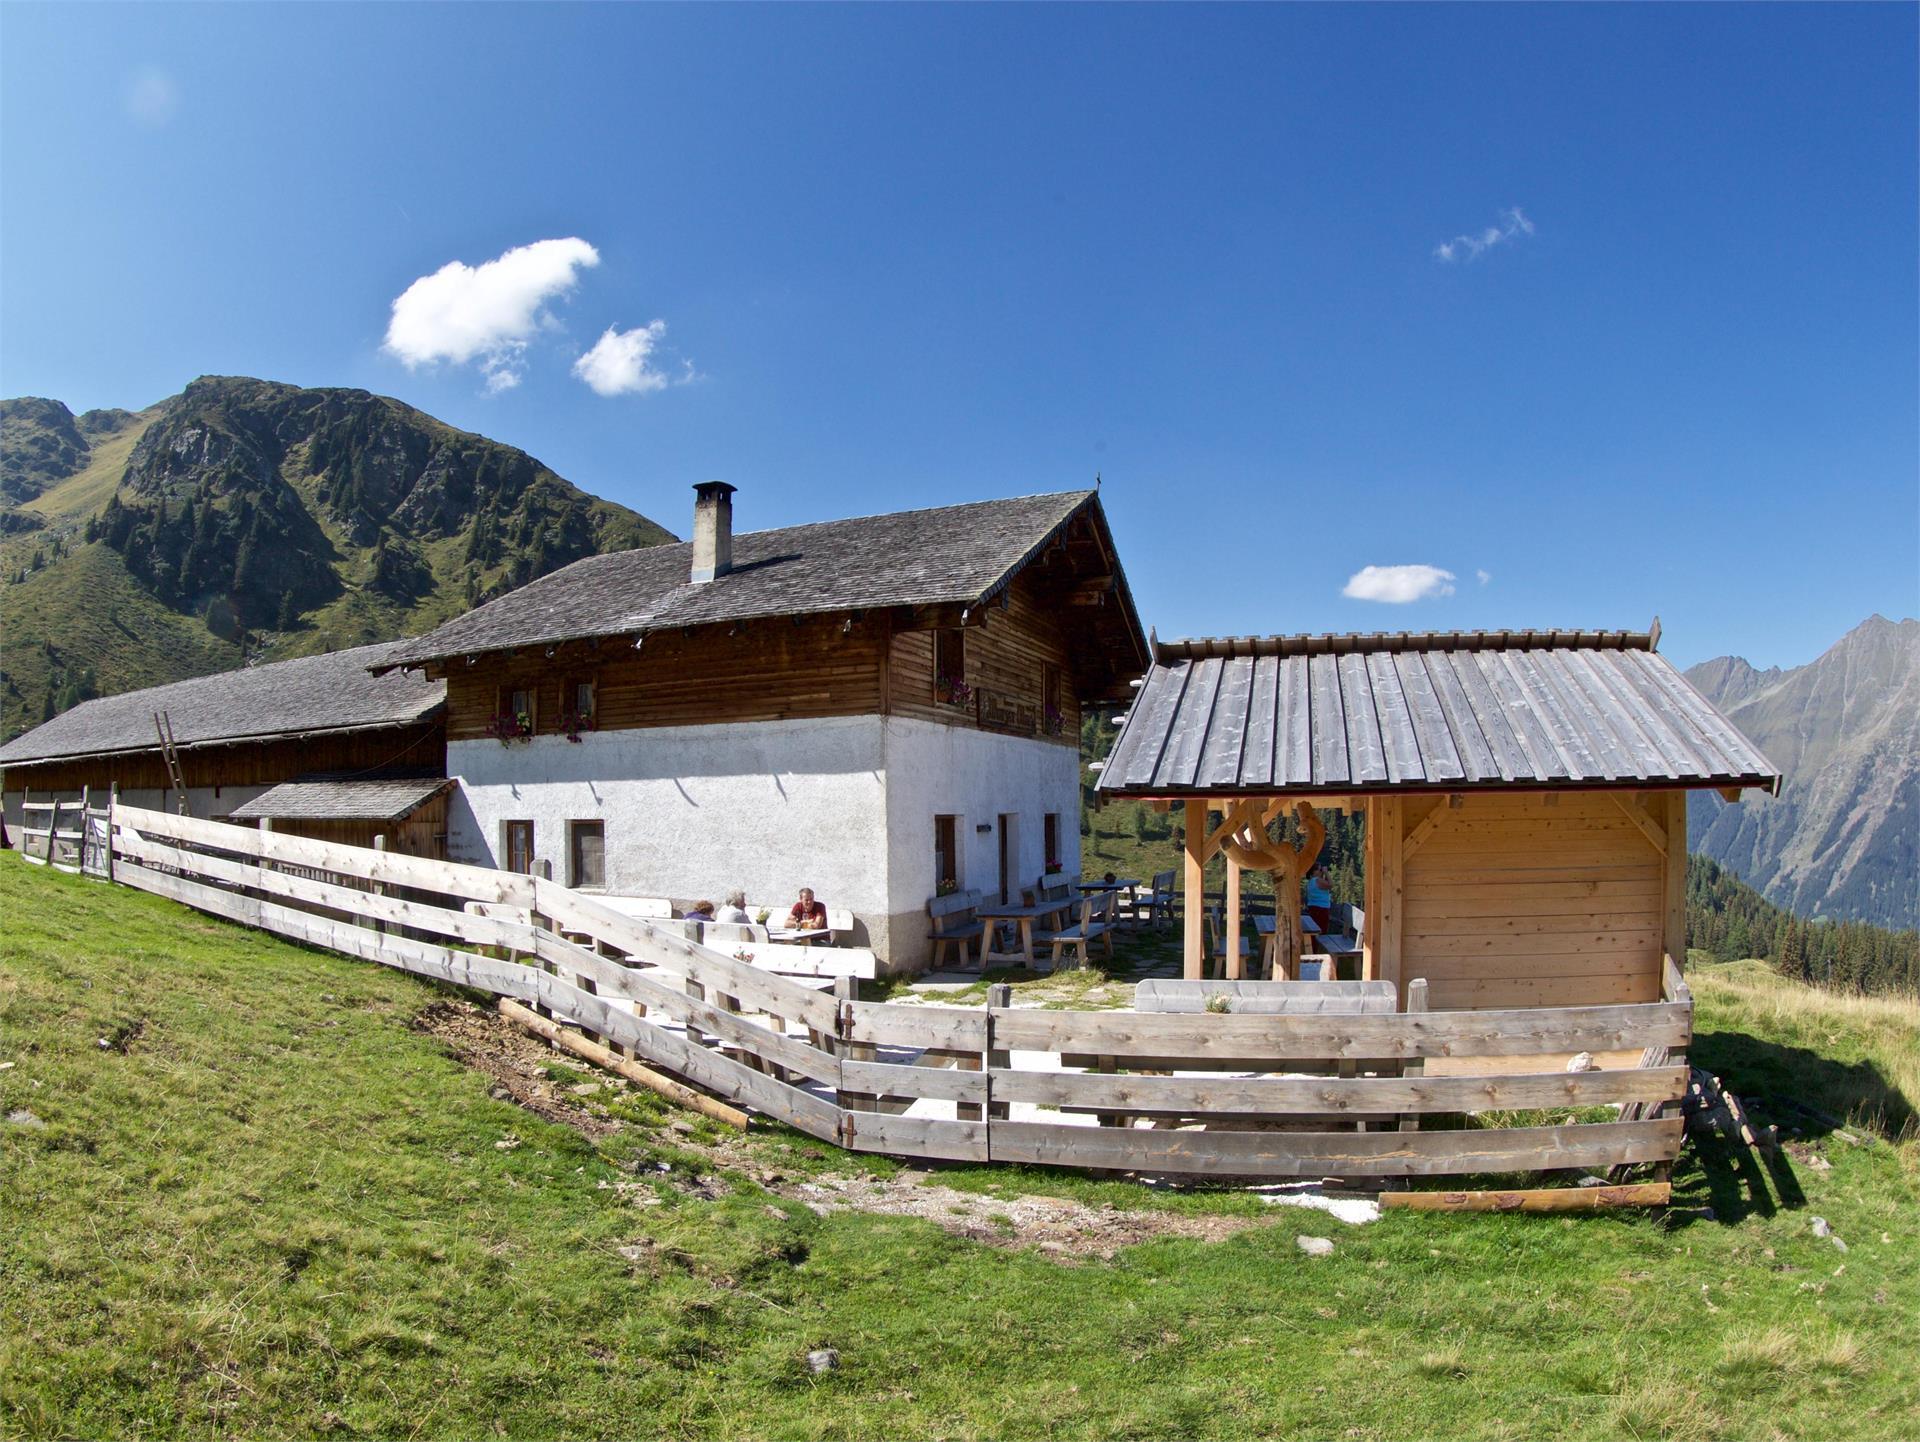 Excursion to the hut Kerschbaumeralm